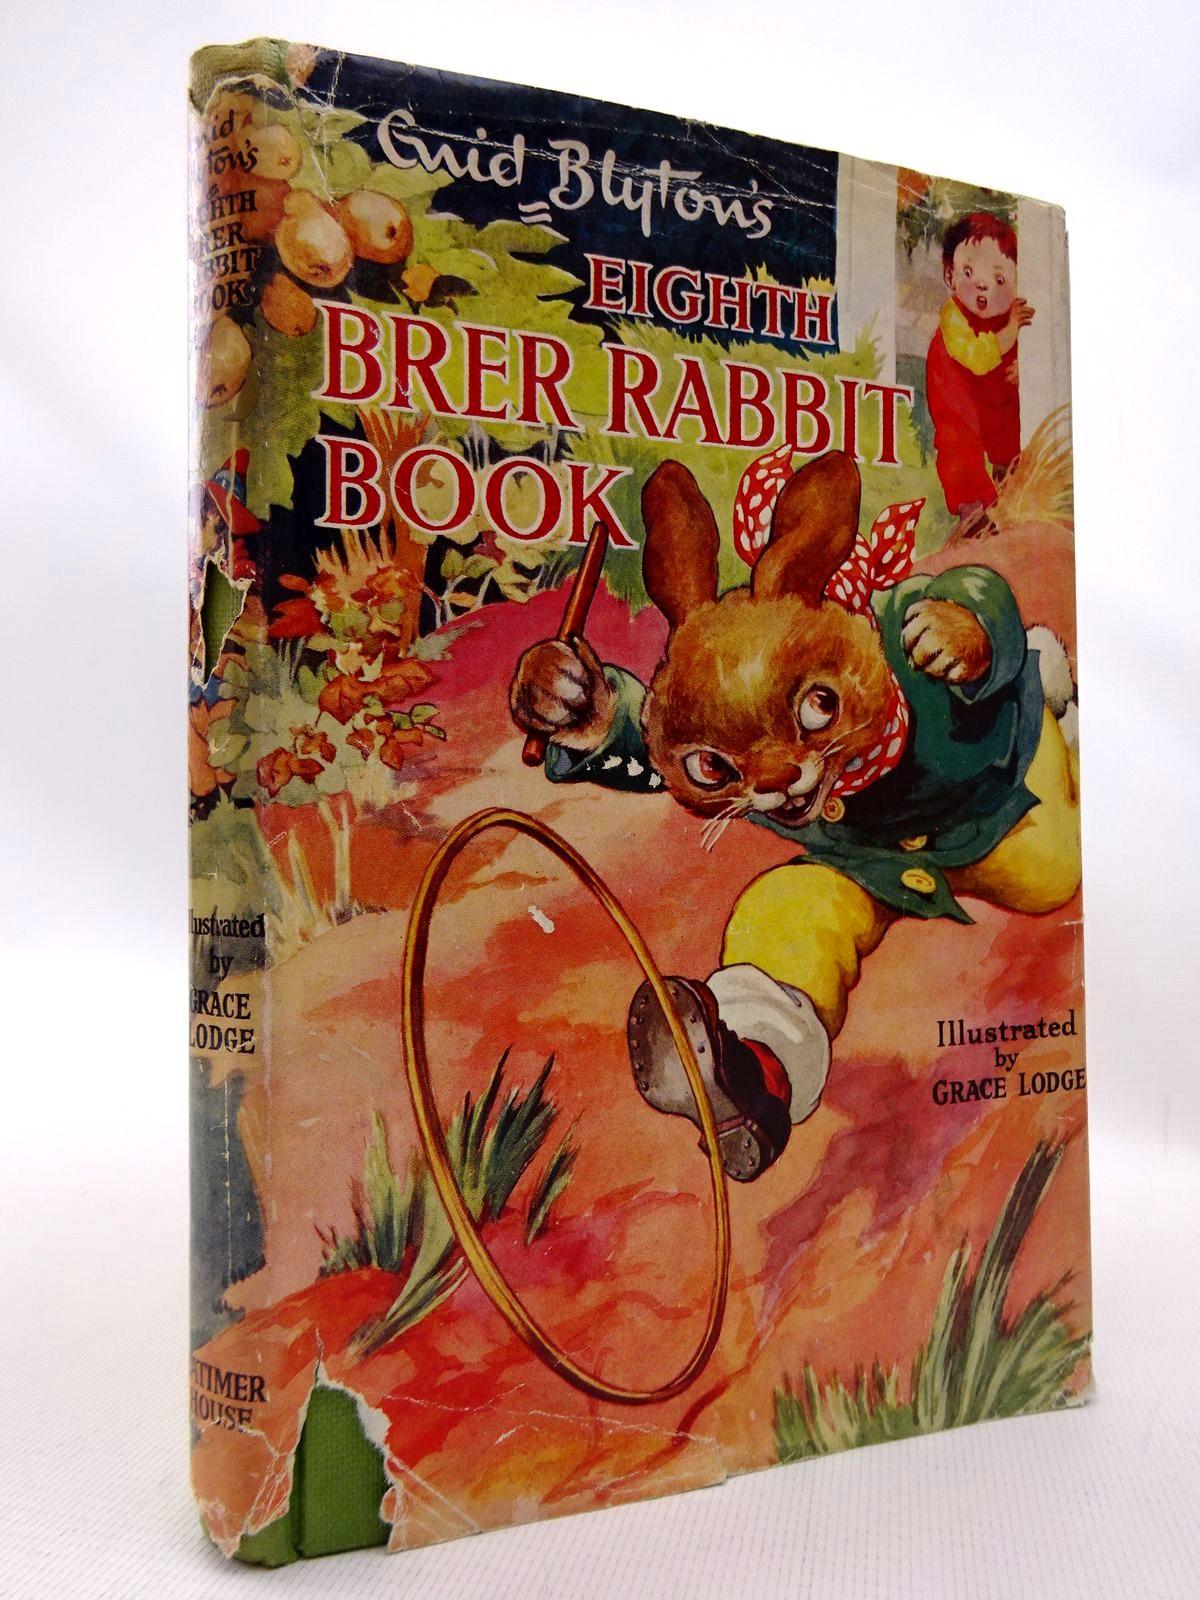 Photo of ENID BLYTON'S EIGHTH BRER RABBIT BOOK- Stock Number: 1815820